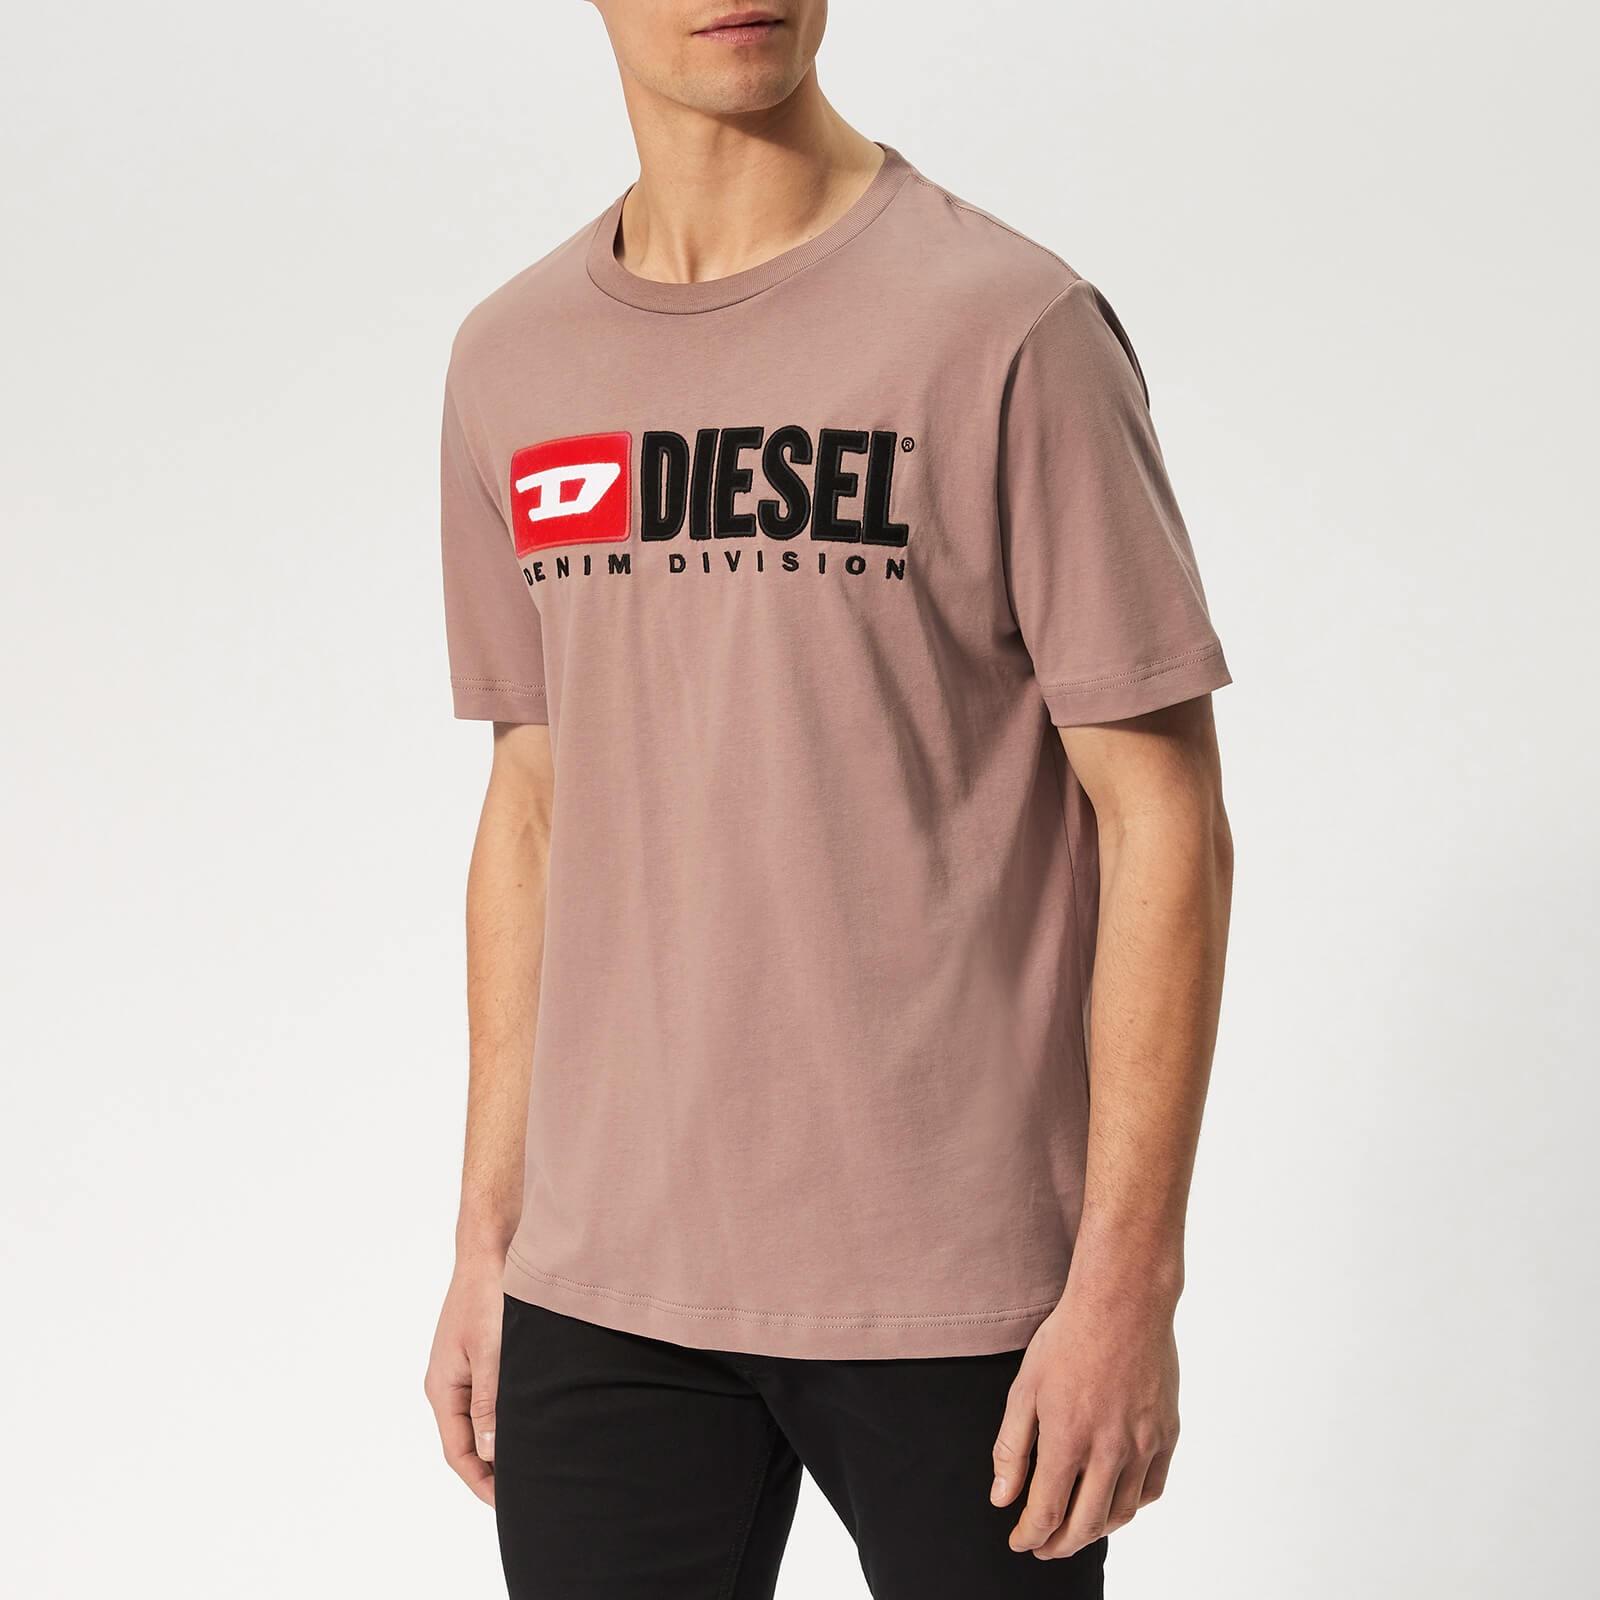 DIESEL 迪赛 Just Division 男款logo刺绣休闲T恤